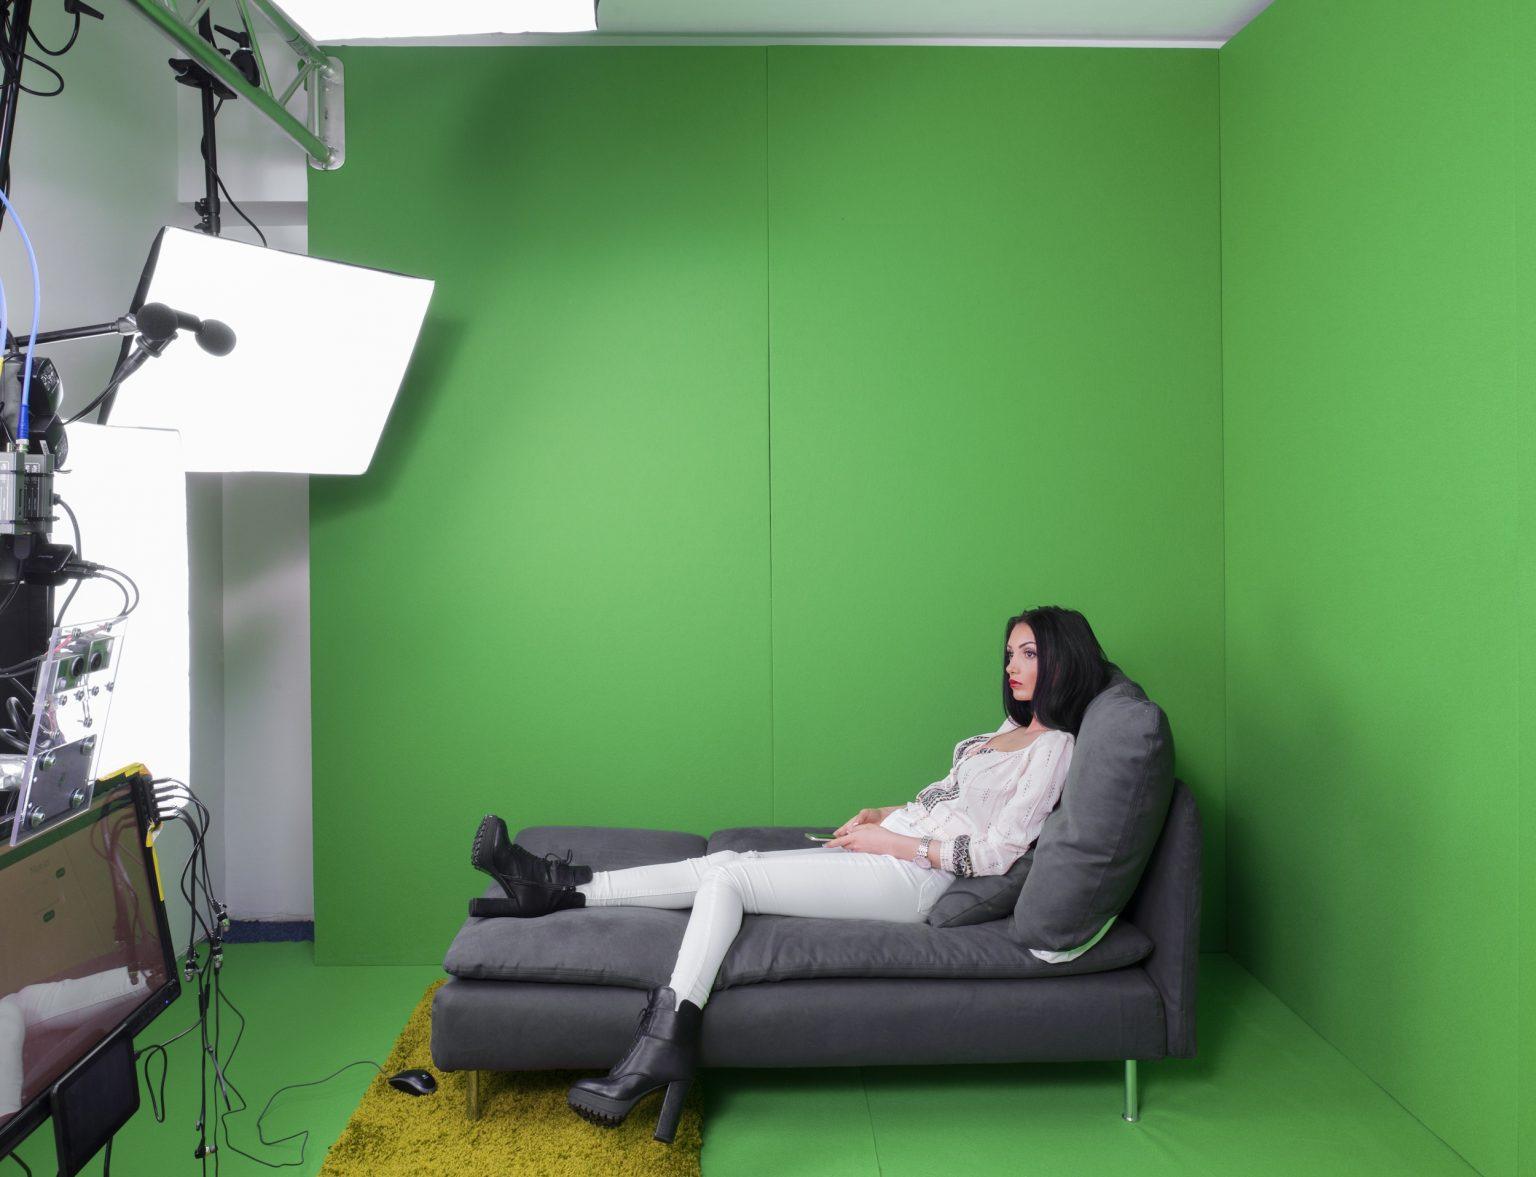 """Romania, Bucharest, March 2016: a 25 years old cam model in the virtual reality room at """"Studio 20"""" before her night shift. / Romania, Bucarest, Marzo 2016: una cam model di 25 anni nella stanza della realtà virtuale presso lo """"Studio 20"""" prima di cominciare il turno di notte."""